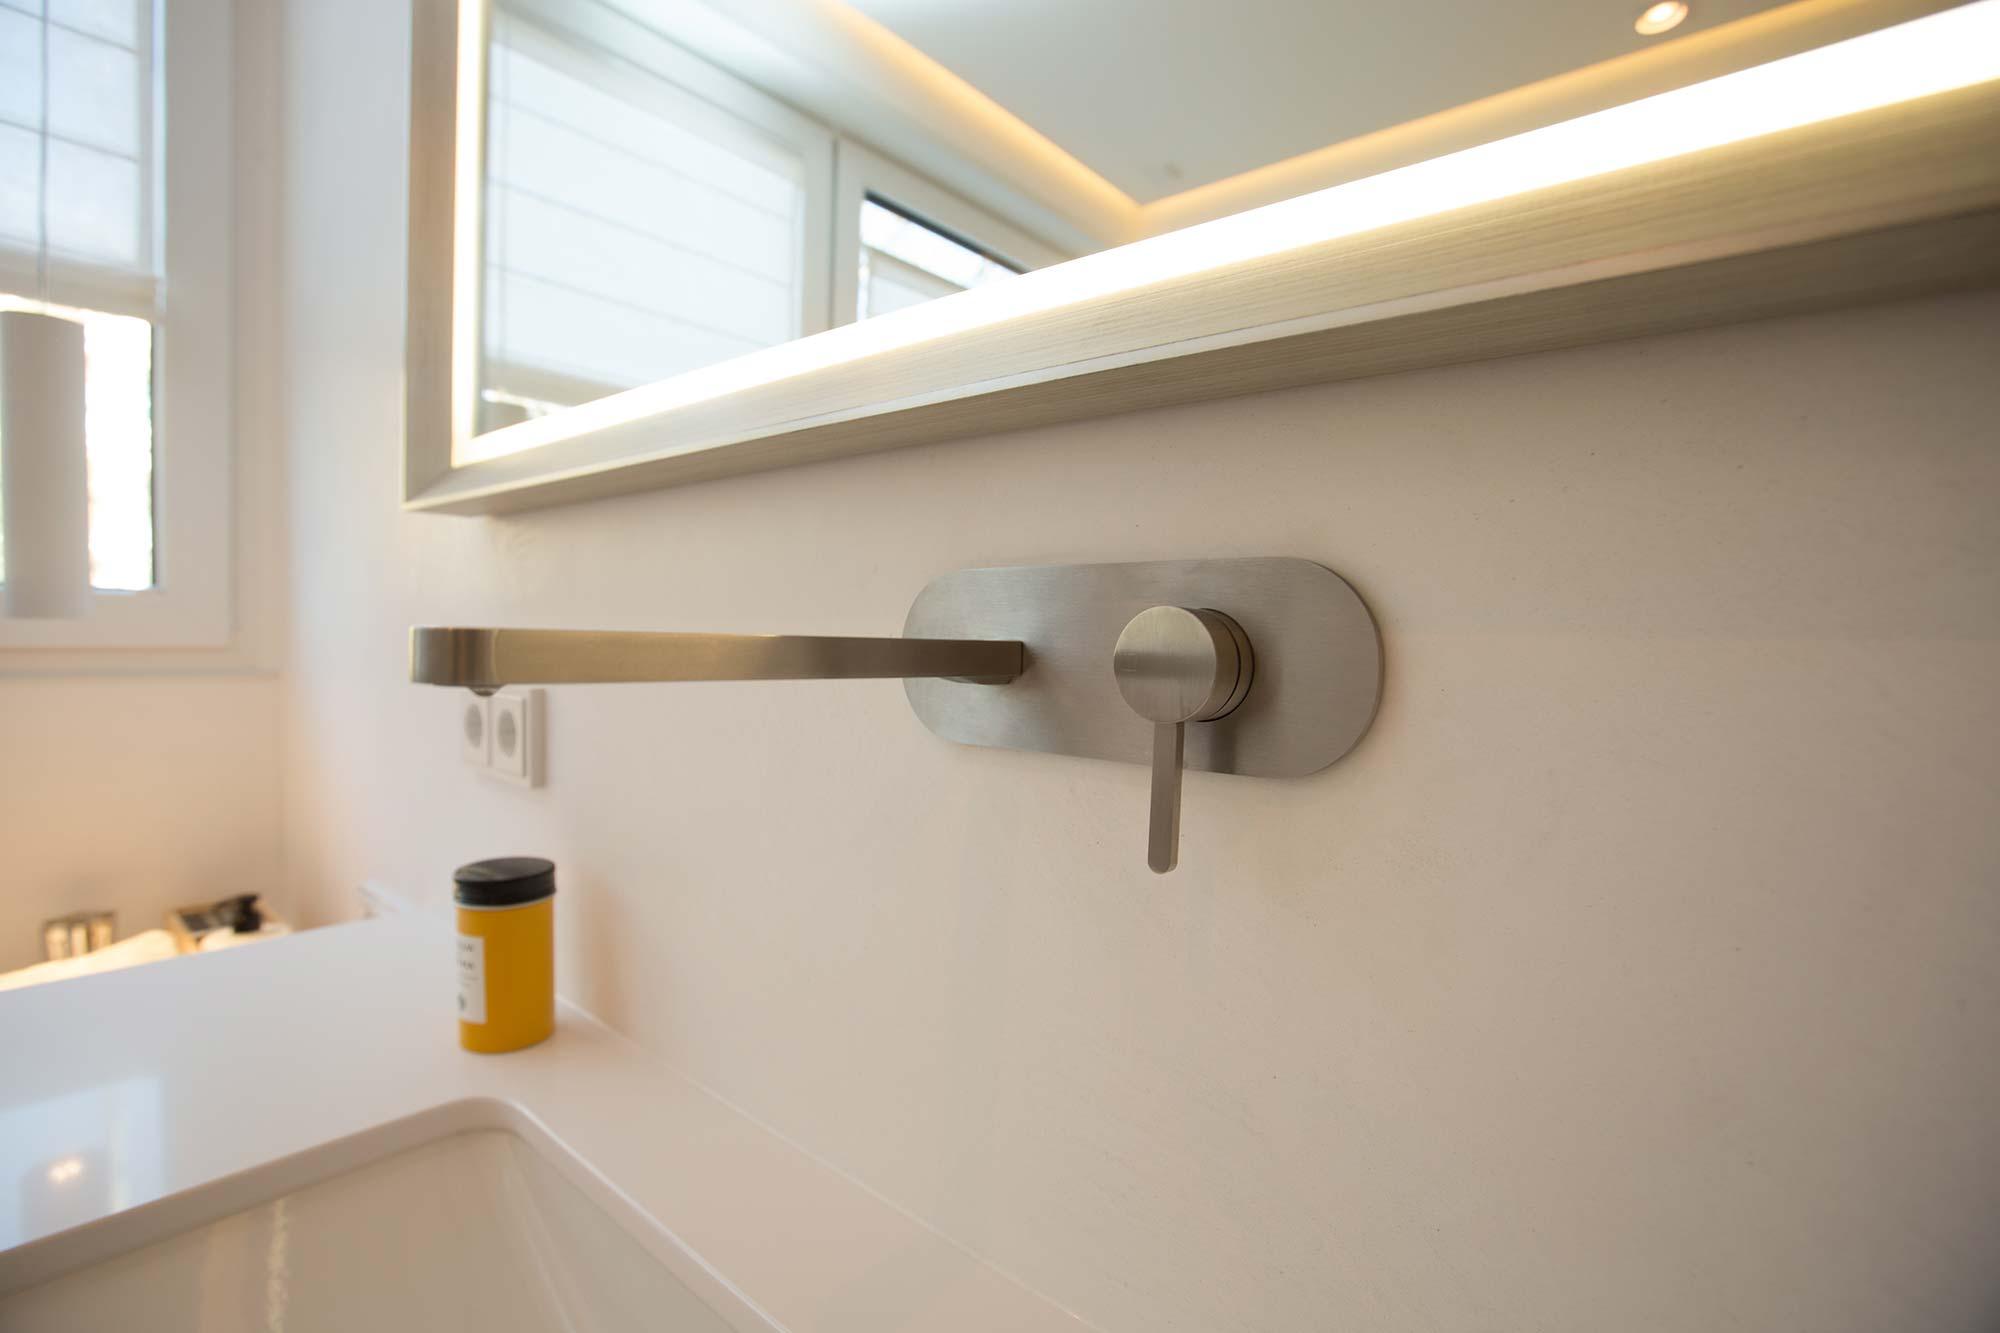 Moderne Armatur am Waschbecken